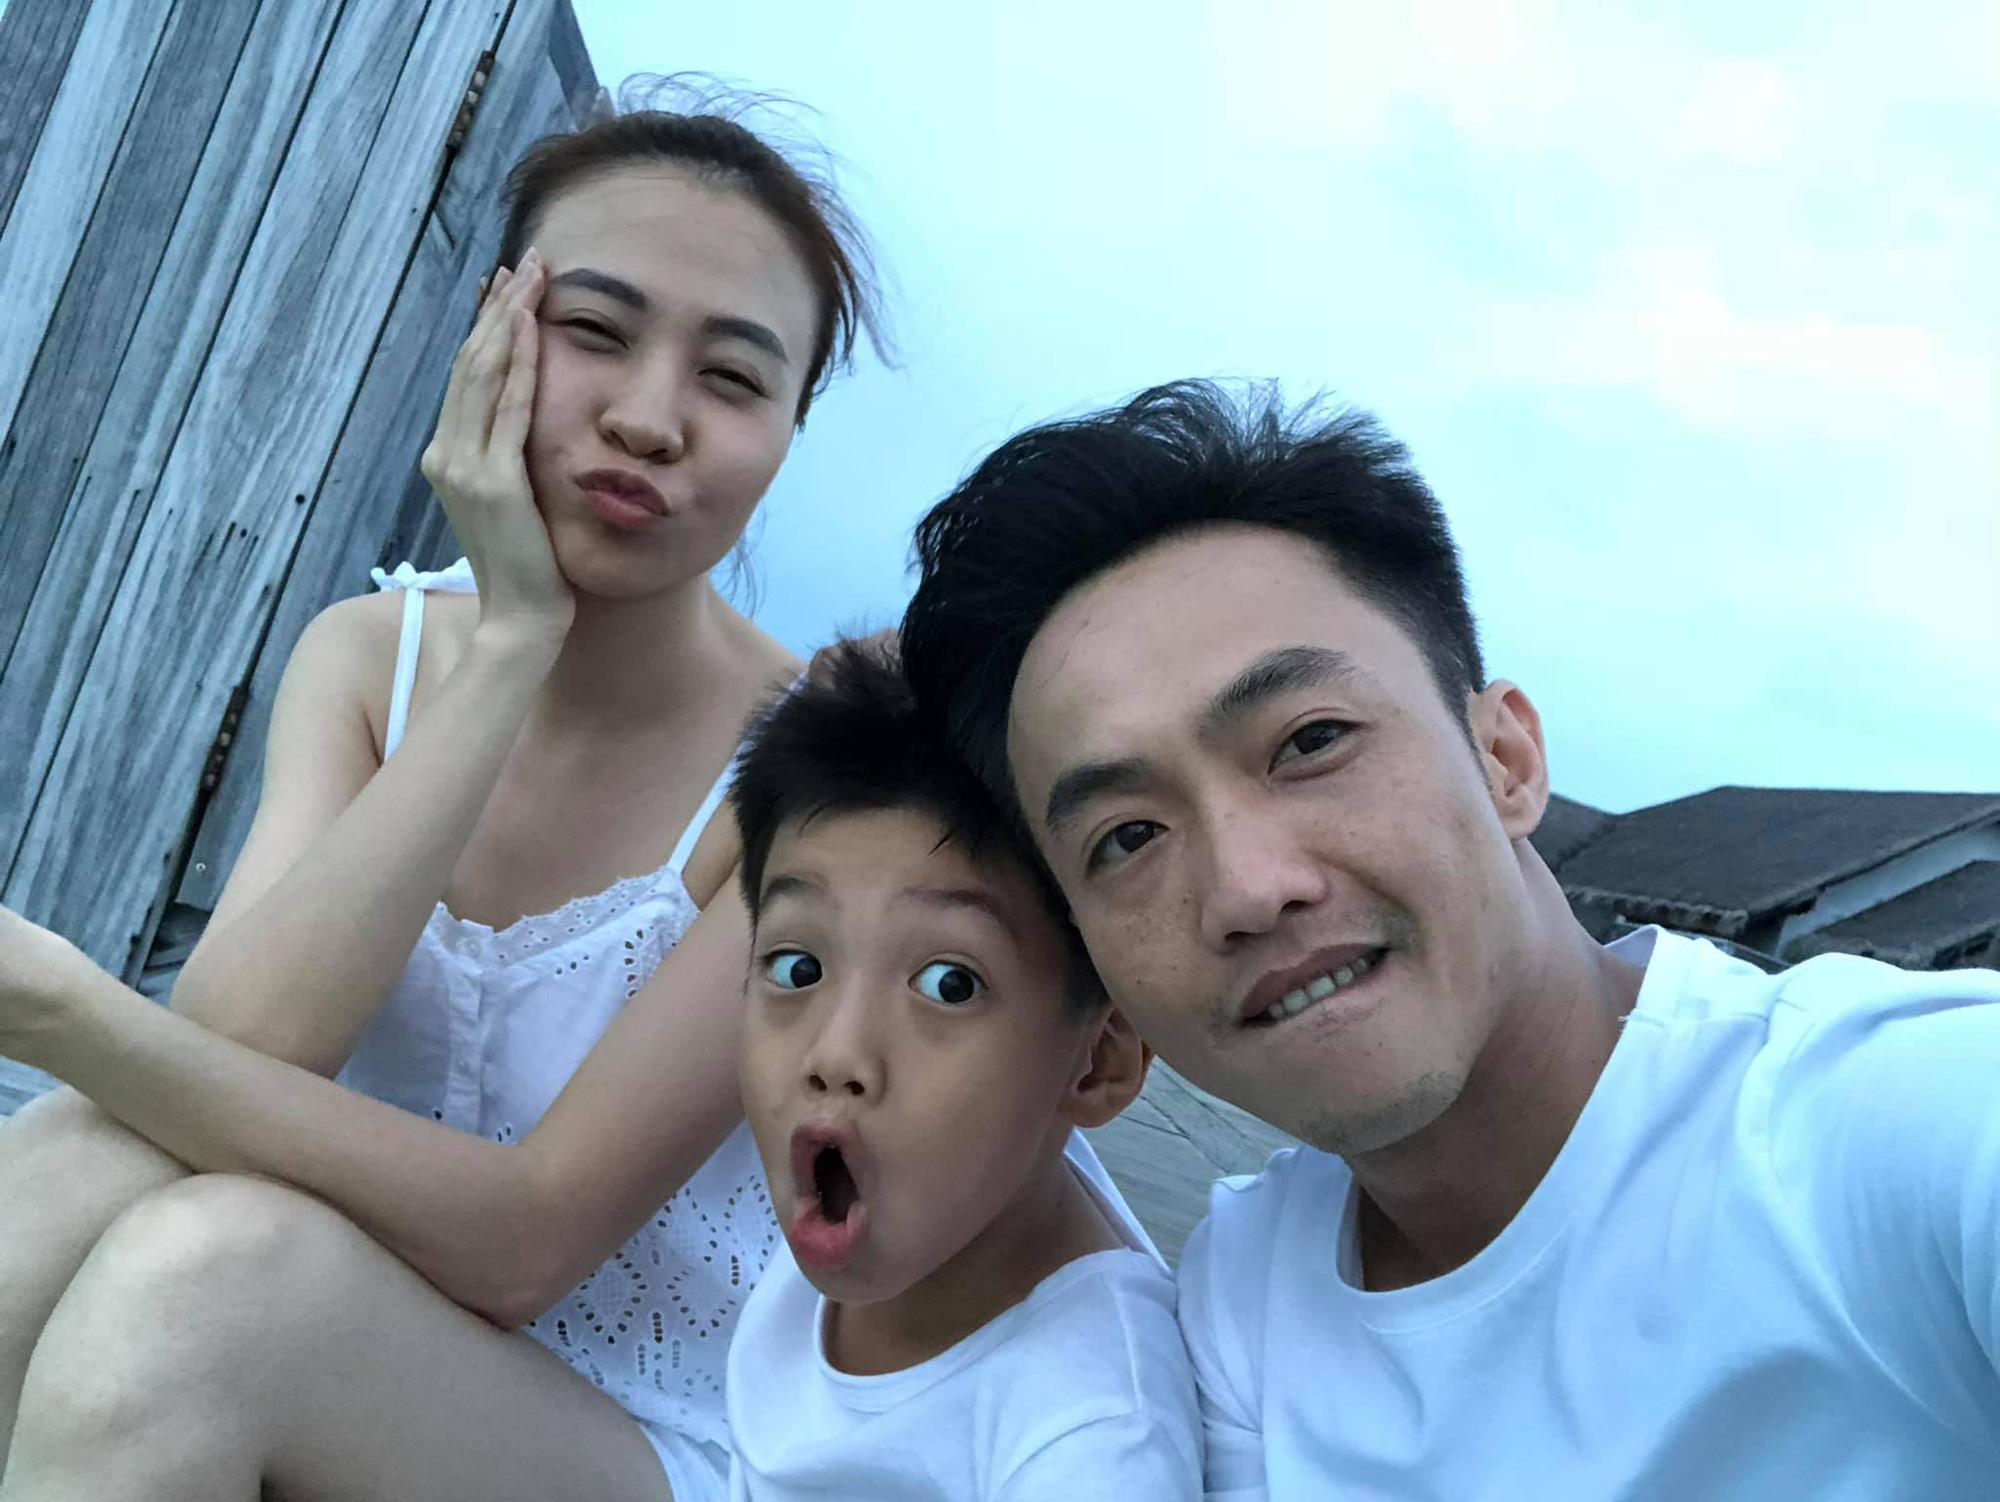 """Đàm Thu Trang đào"""" lại loạt ảnh du lịch với Subeo, Cường Đô La bình luận 1 câu là biết cưng ái nữ mới sinh thế nào-3"""